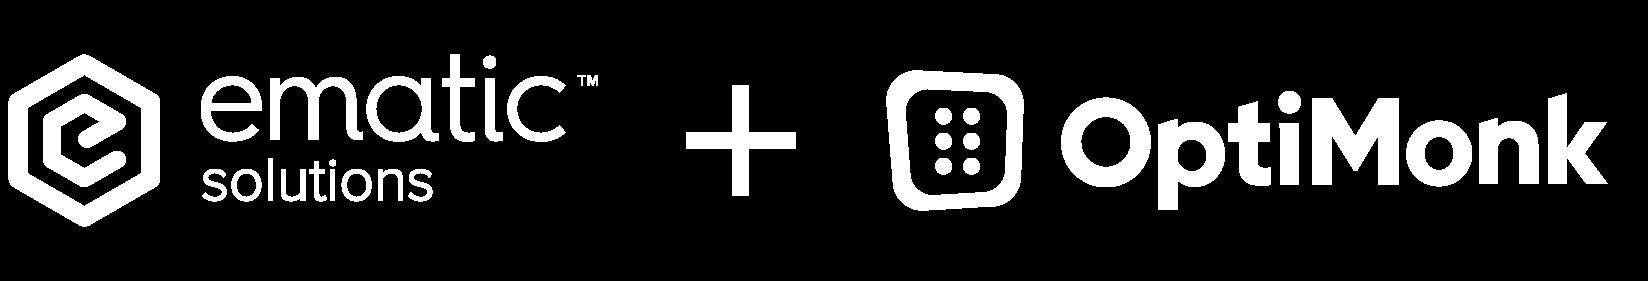 Ematic + OptiMonk